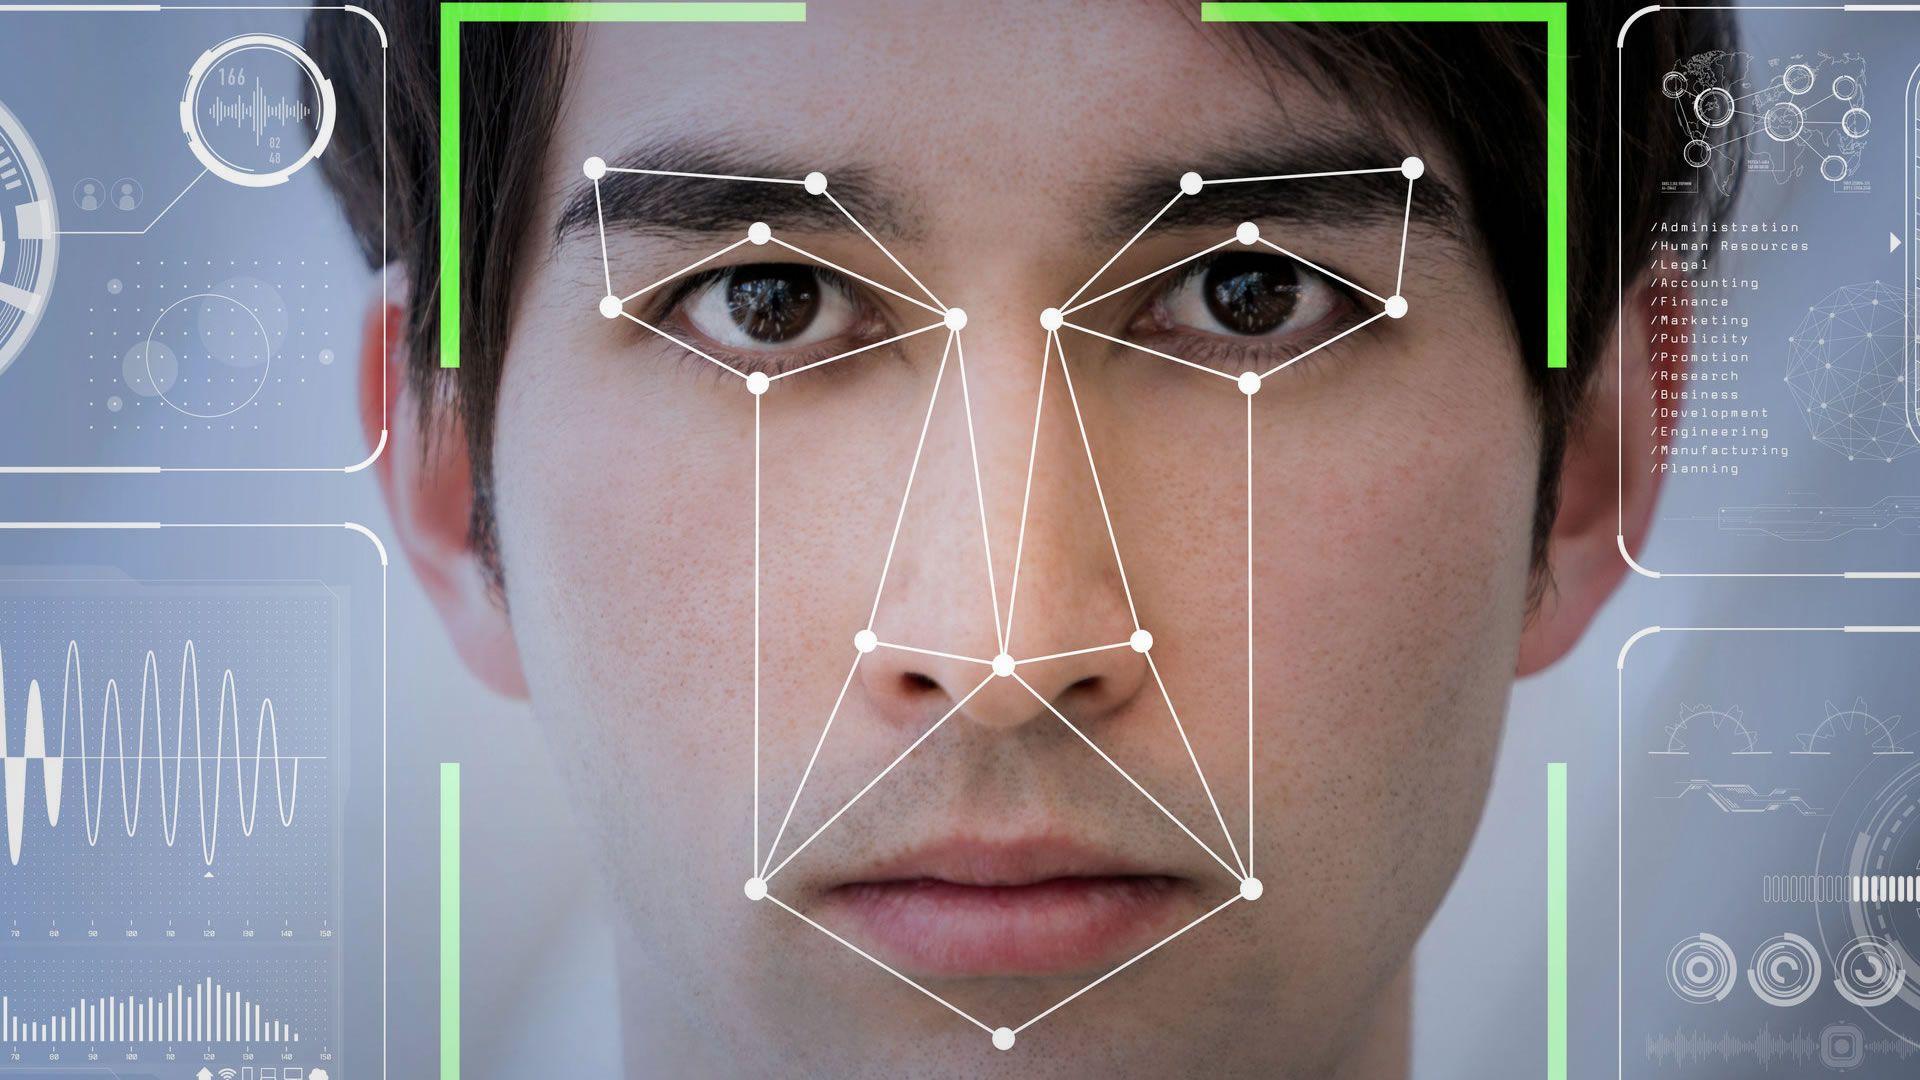 El reconocimiento facial en los aeropuertos ya es una realidad y funciona